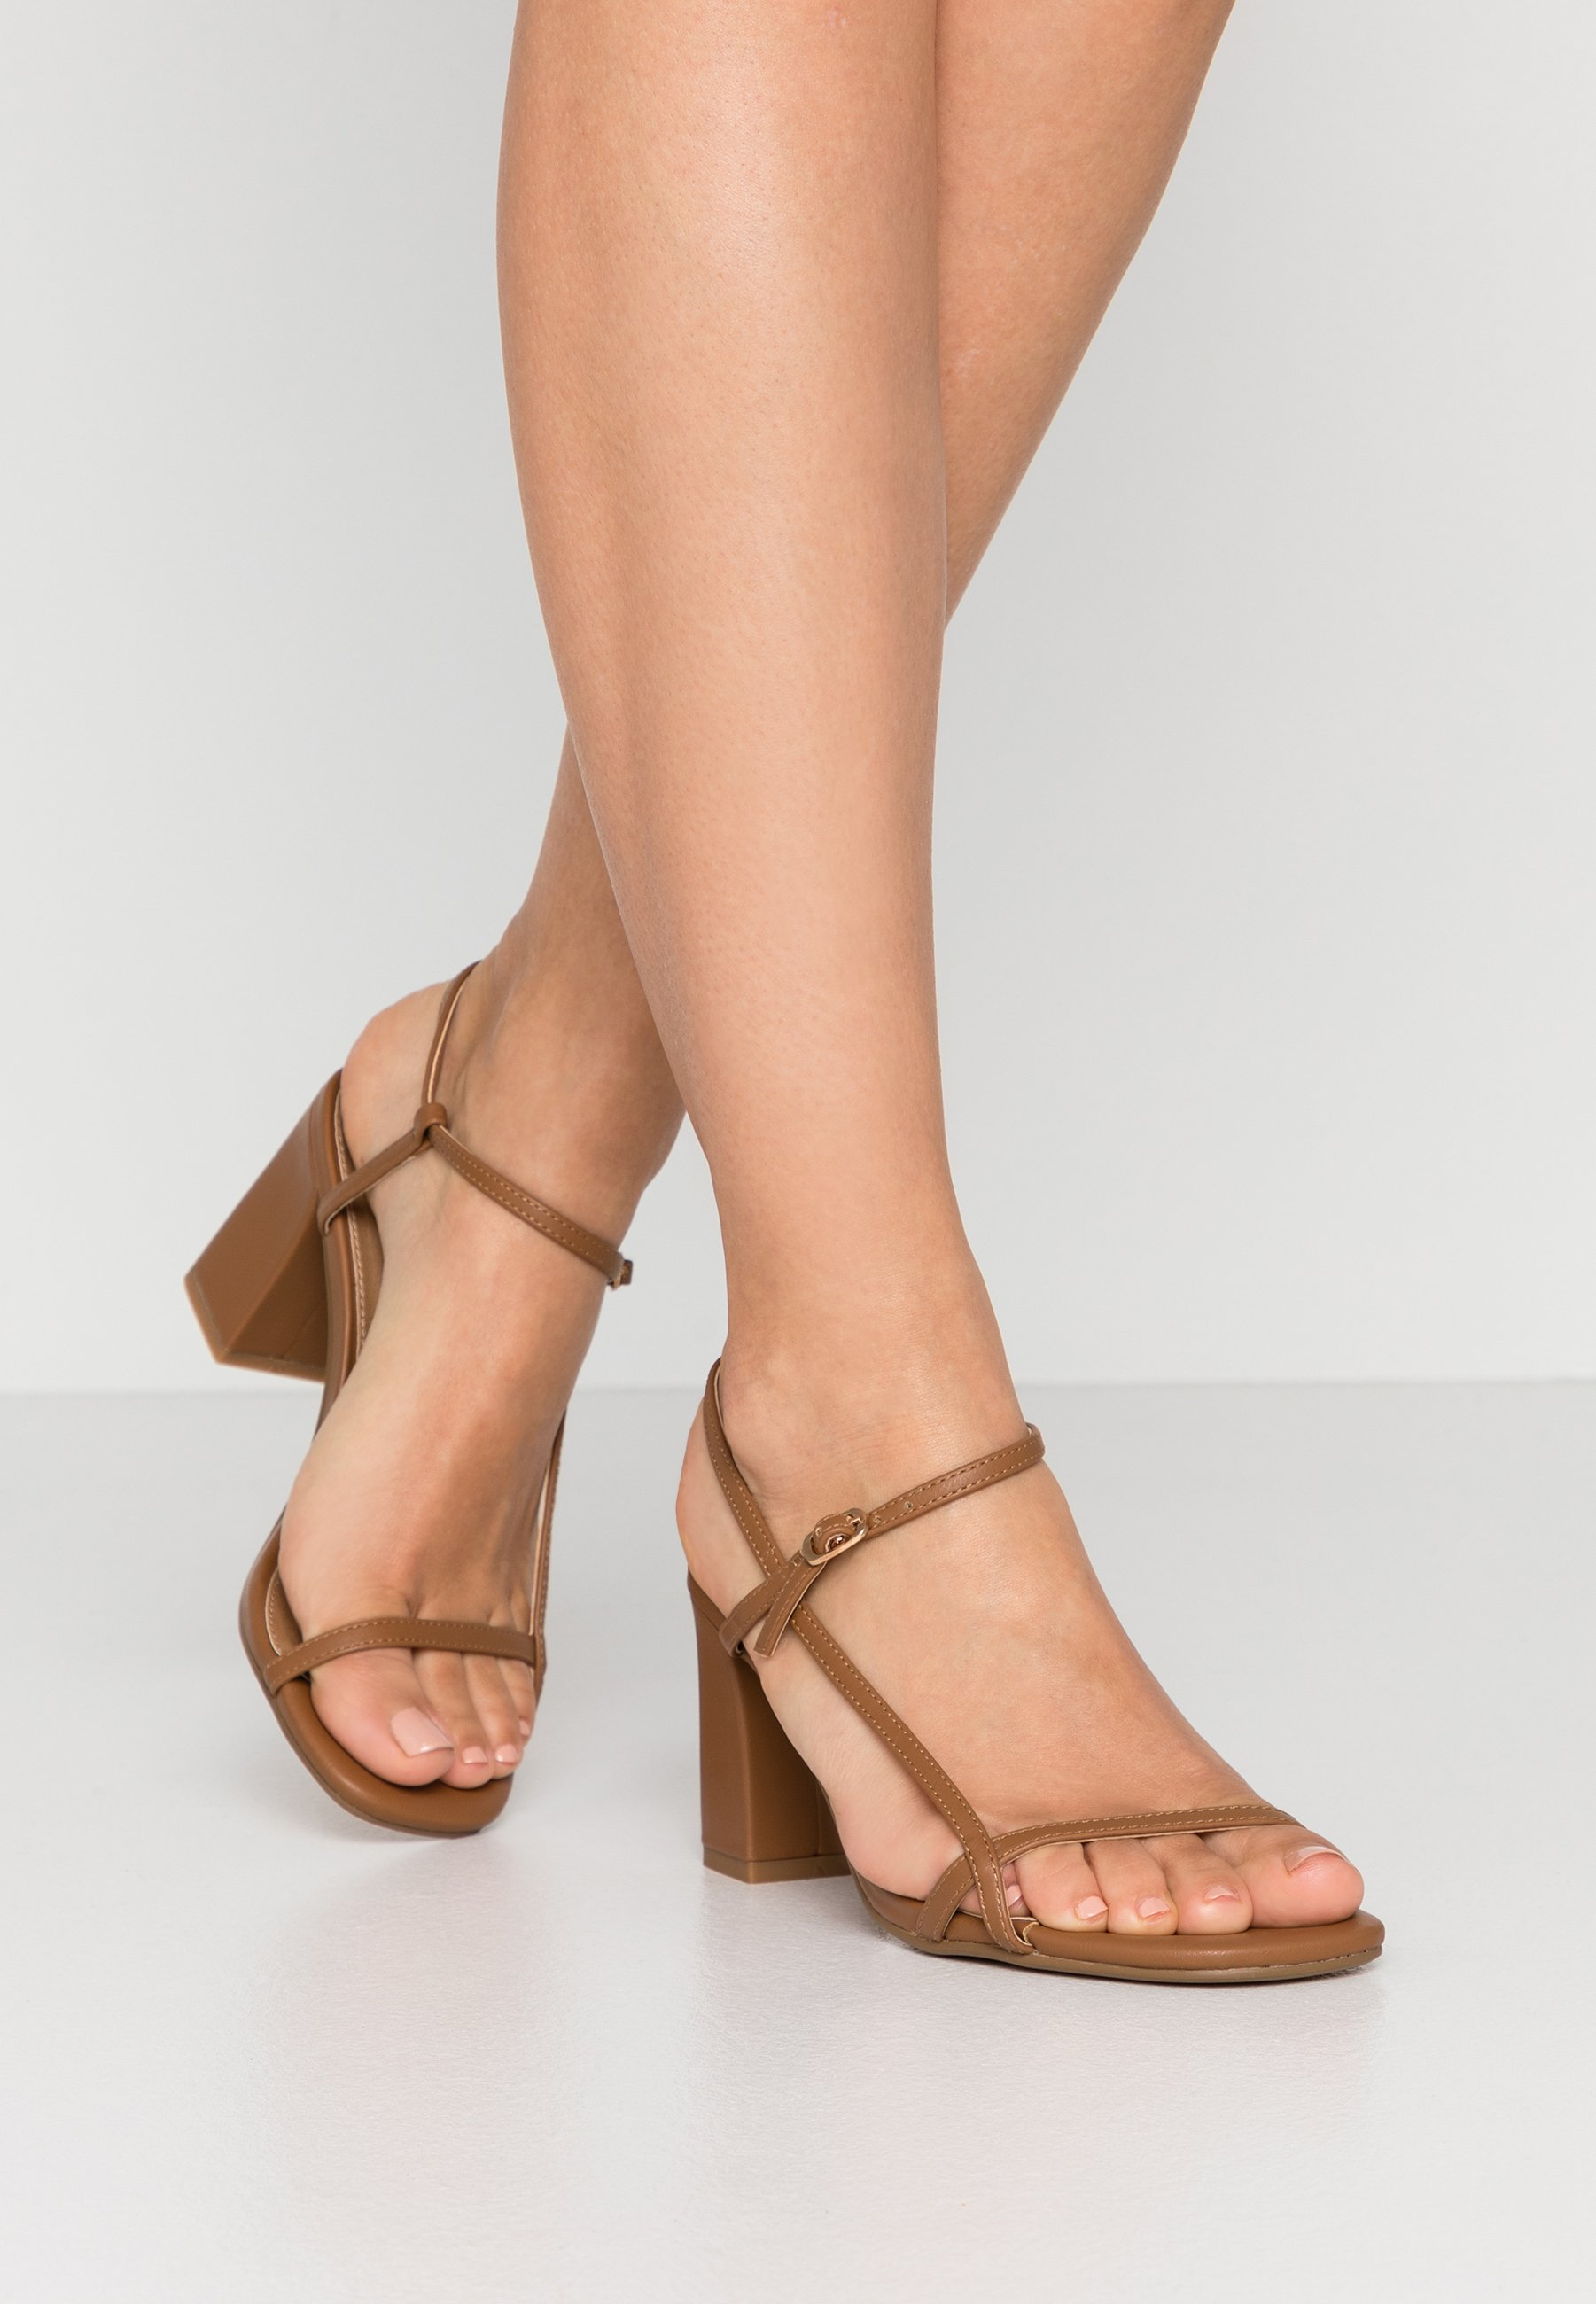 Rubi Shoes by Cotton On | La nuova collezione online su Zalando